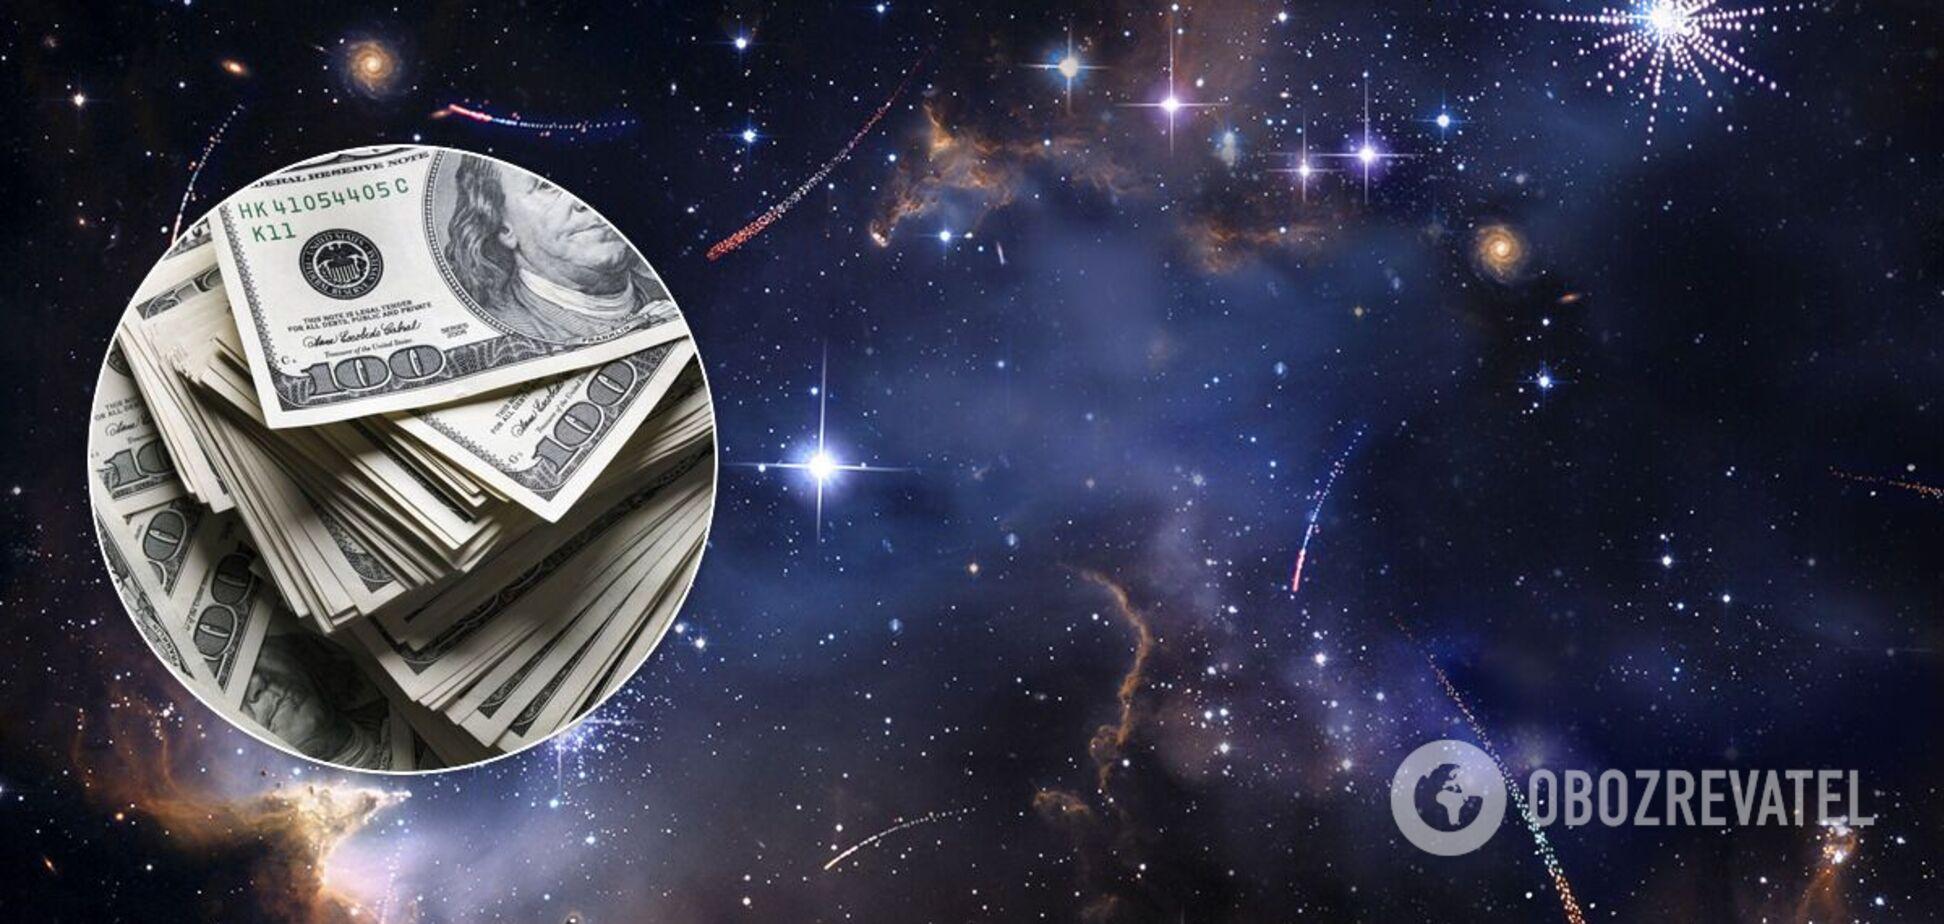 Які знаки Зодіаку частіше стають мільярдерами: астрологи дали відповідь